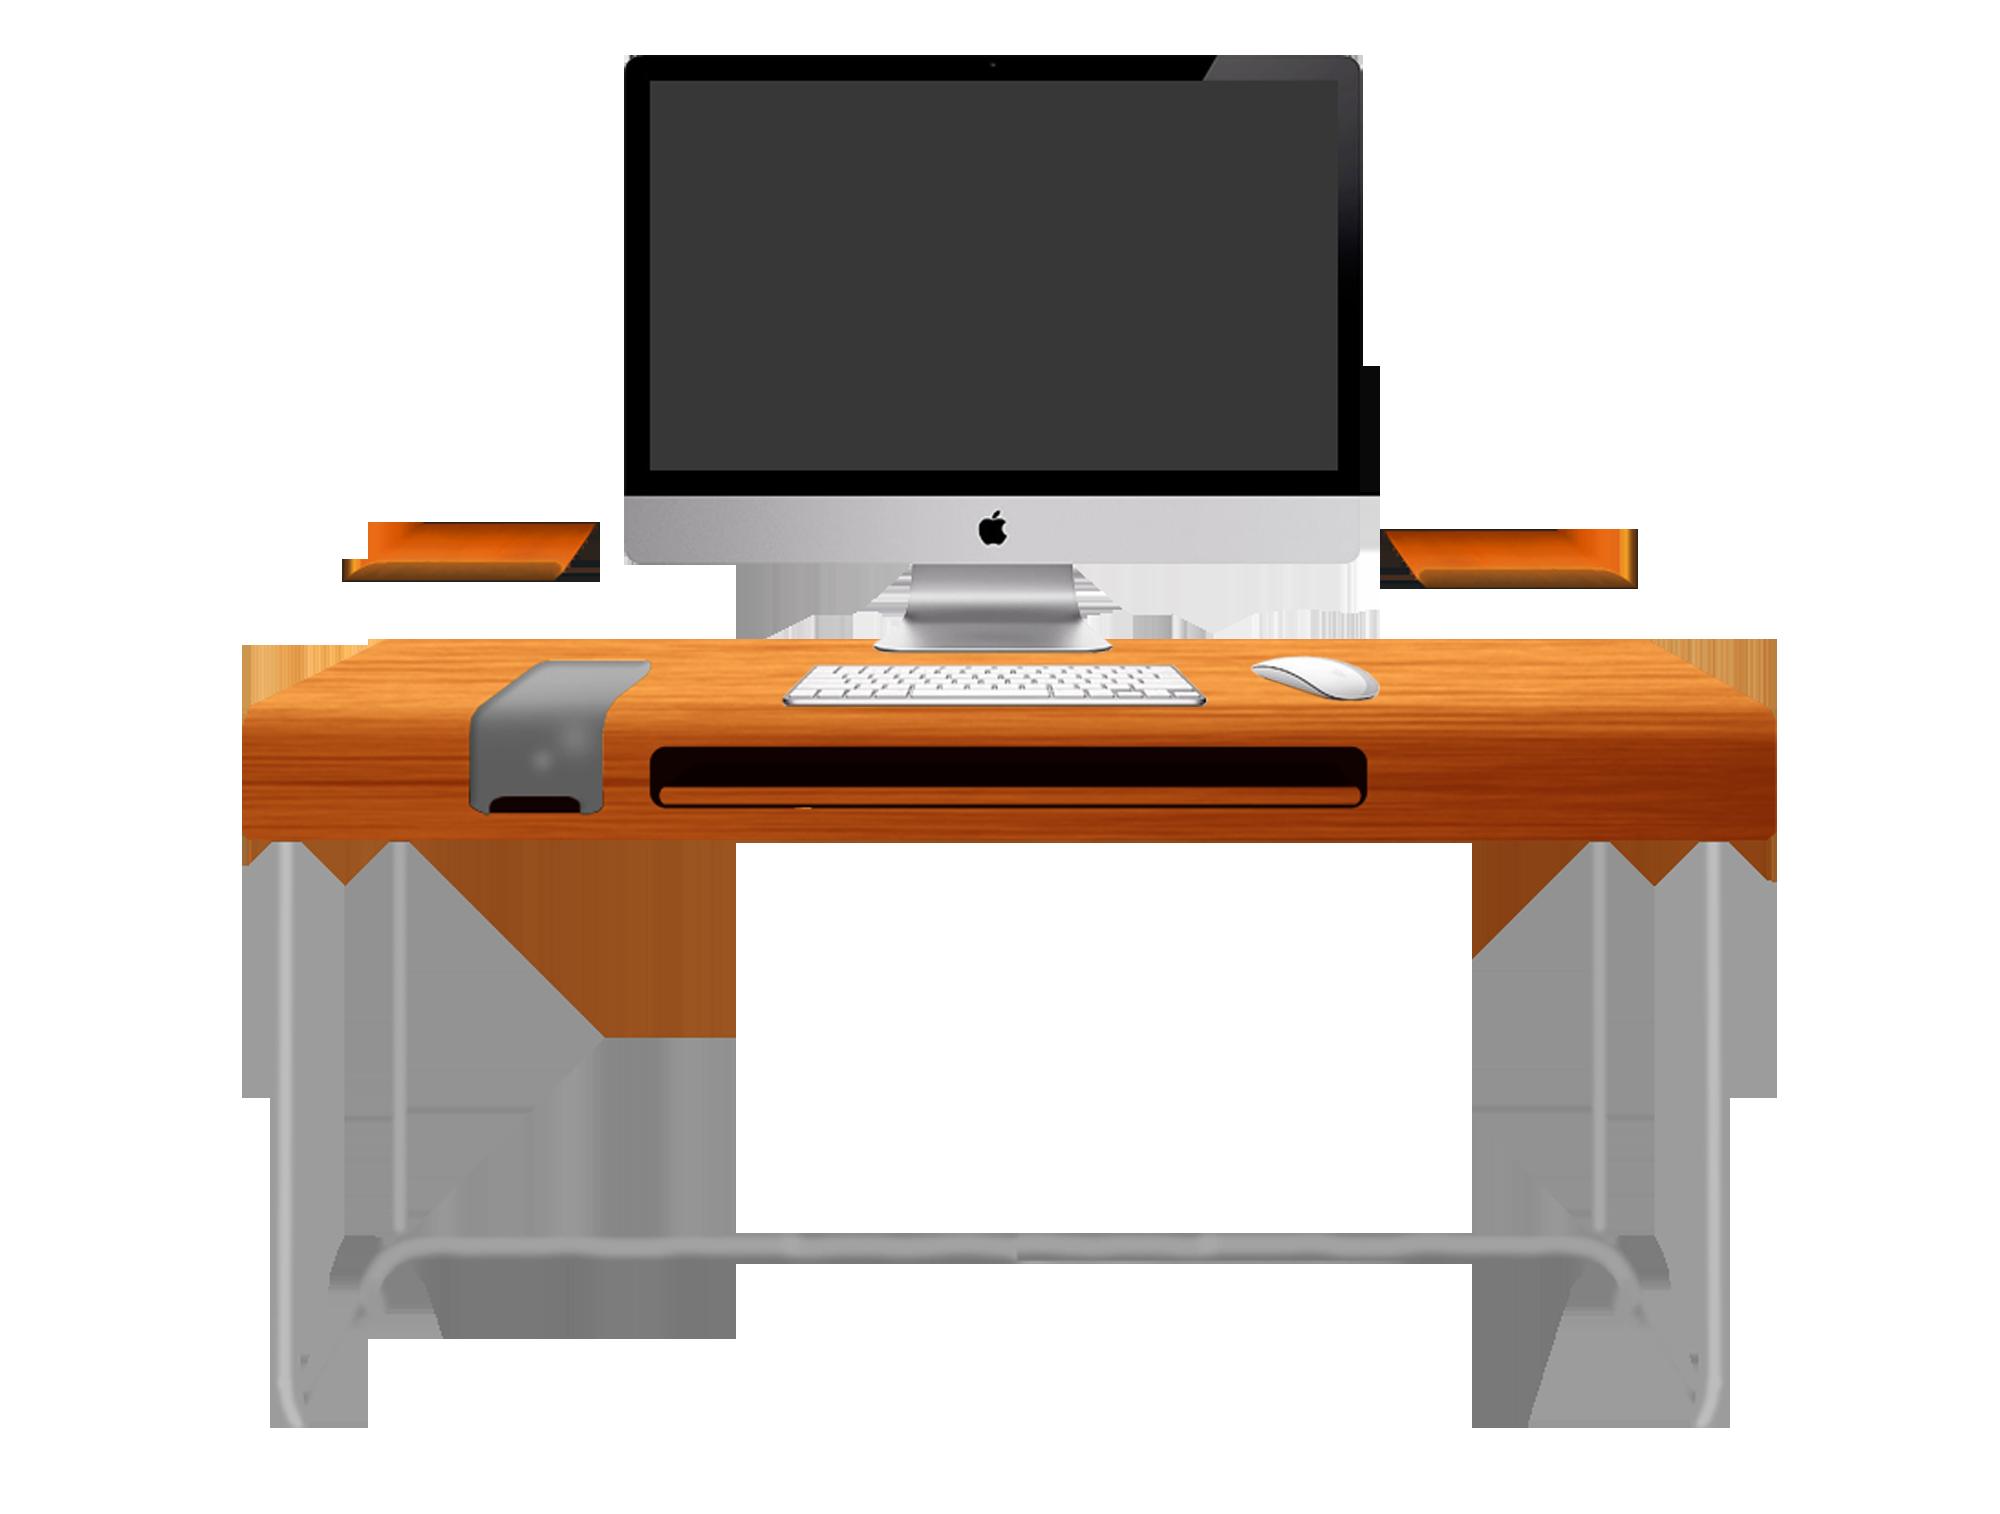 Desk clipart computer Computer shape Hides desk executive